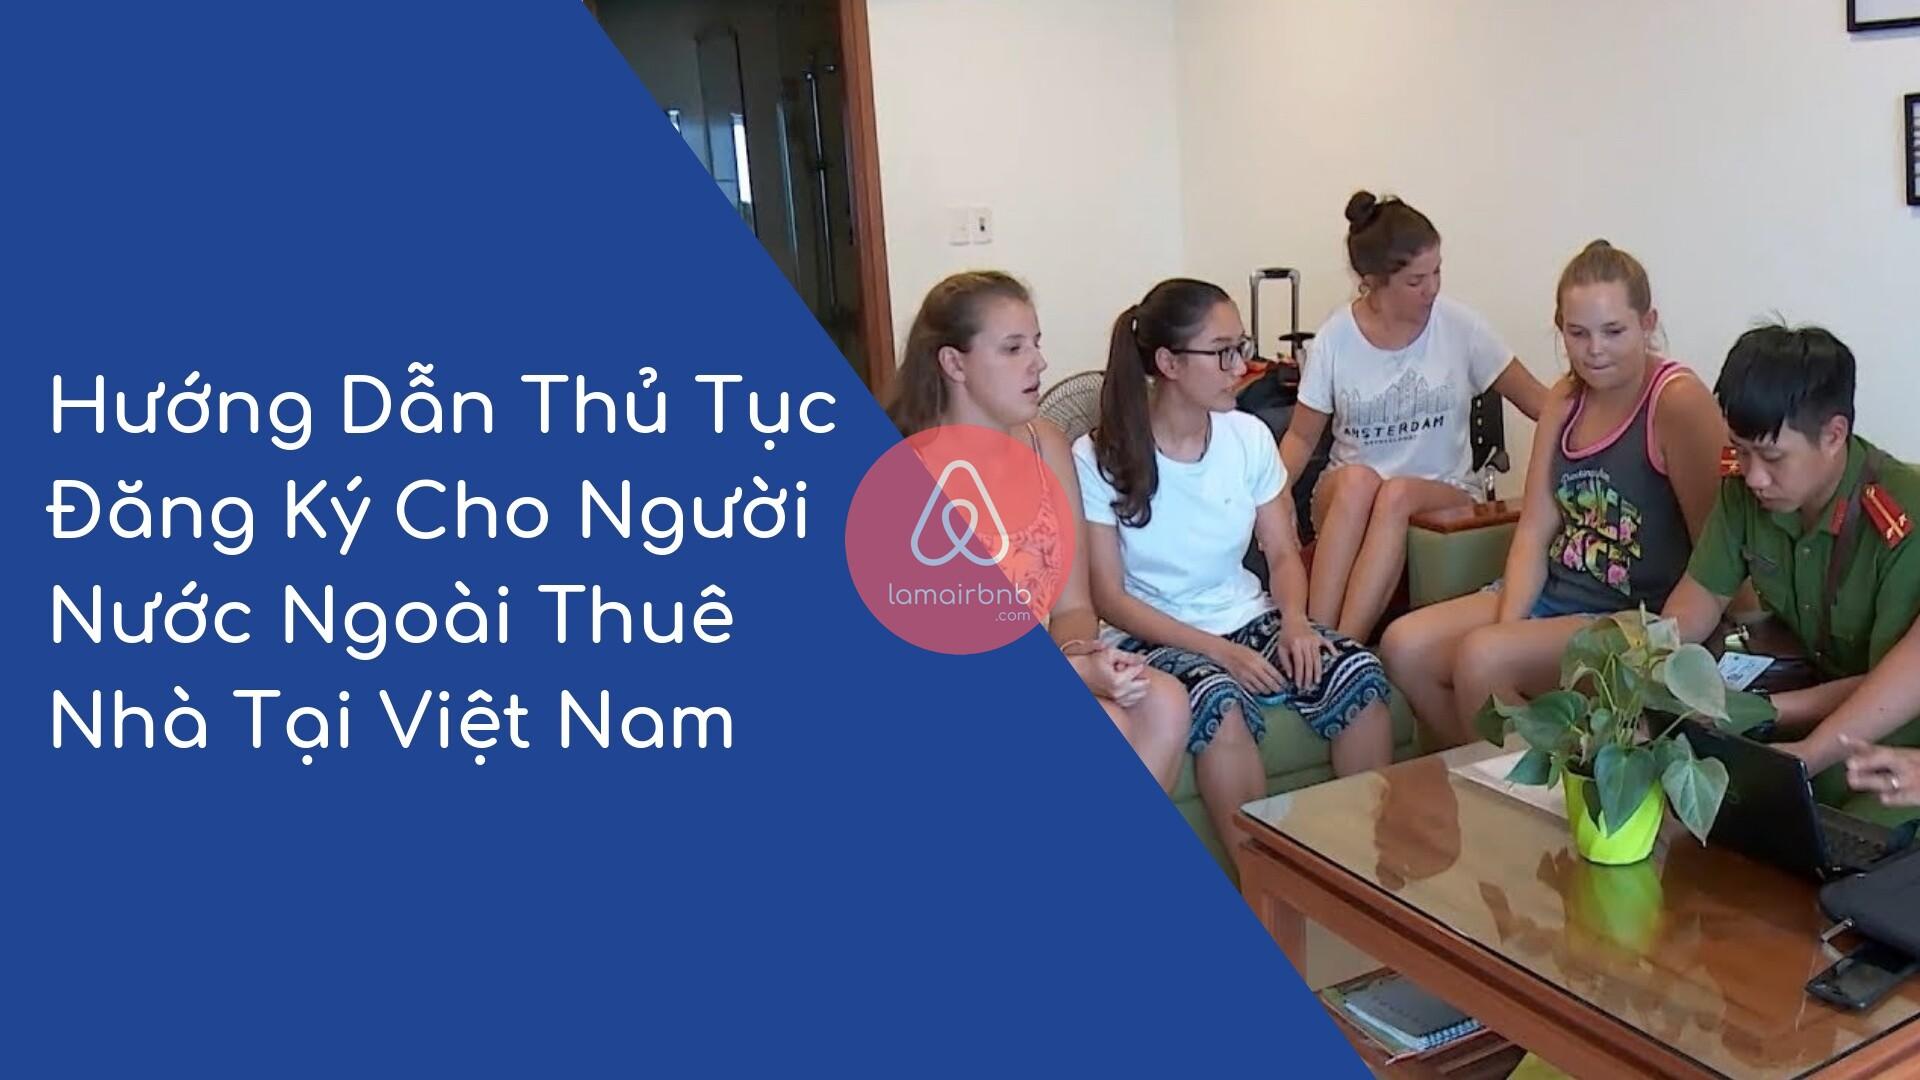 Hướng Dẫn Thủ Tục Đăng Ký Cho Người Nước Ngoài Thuê Nhà Tại Việt Nam 1